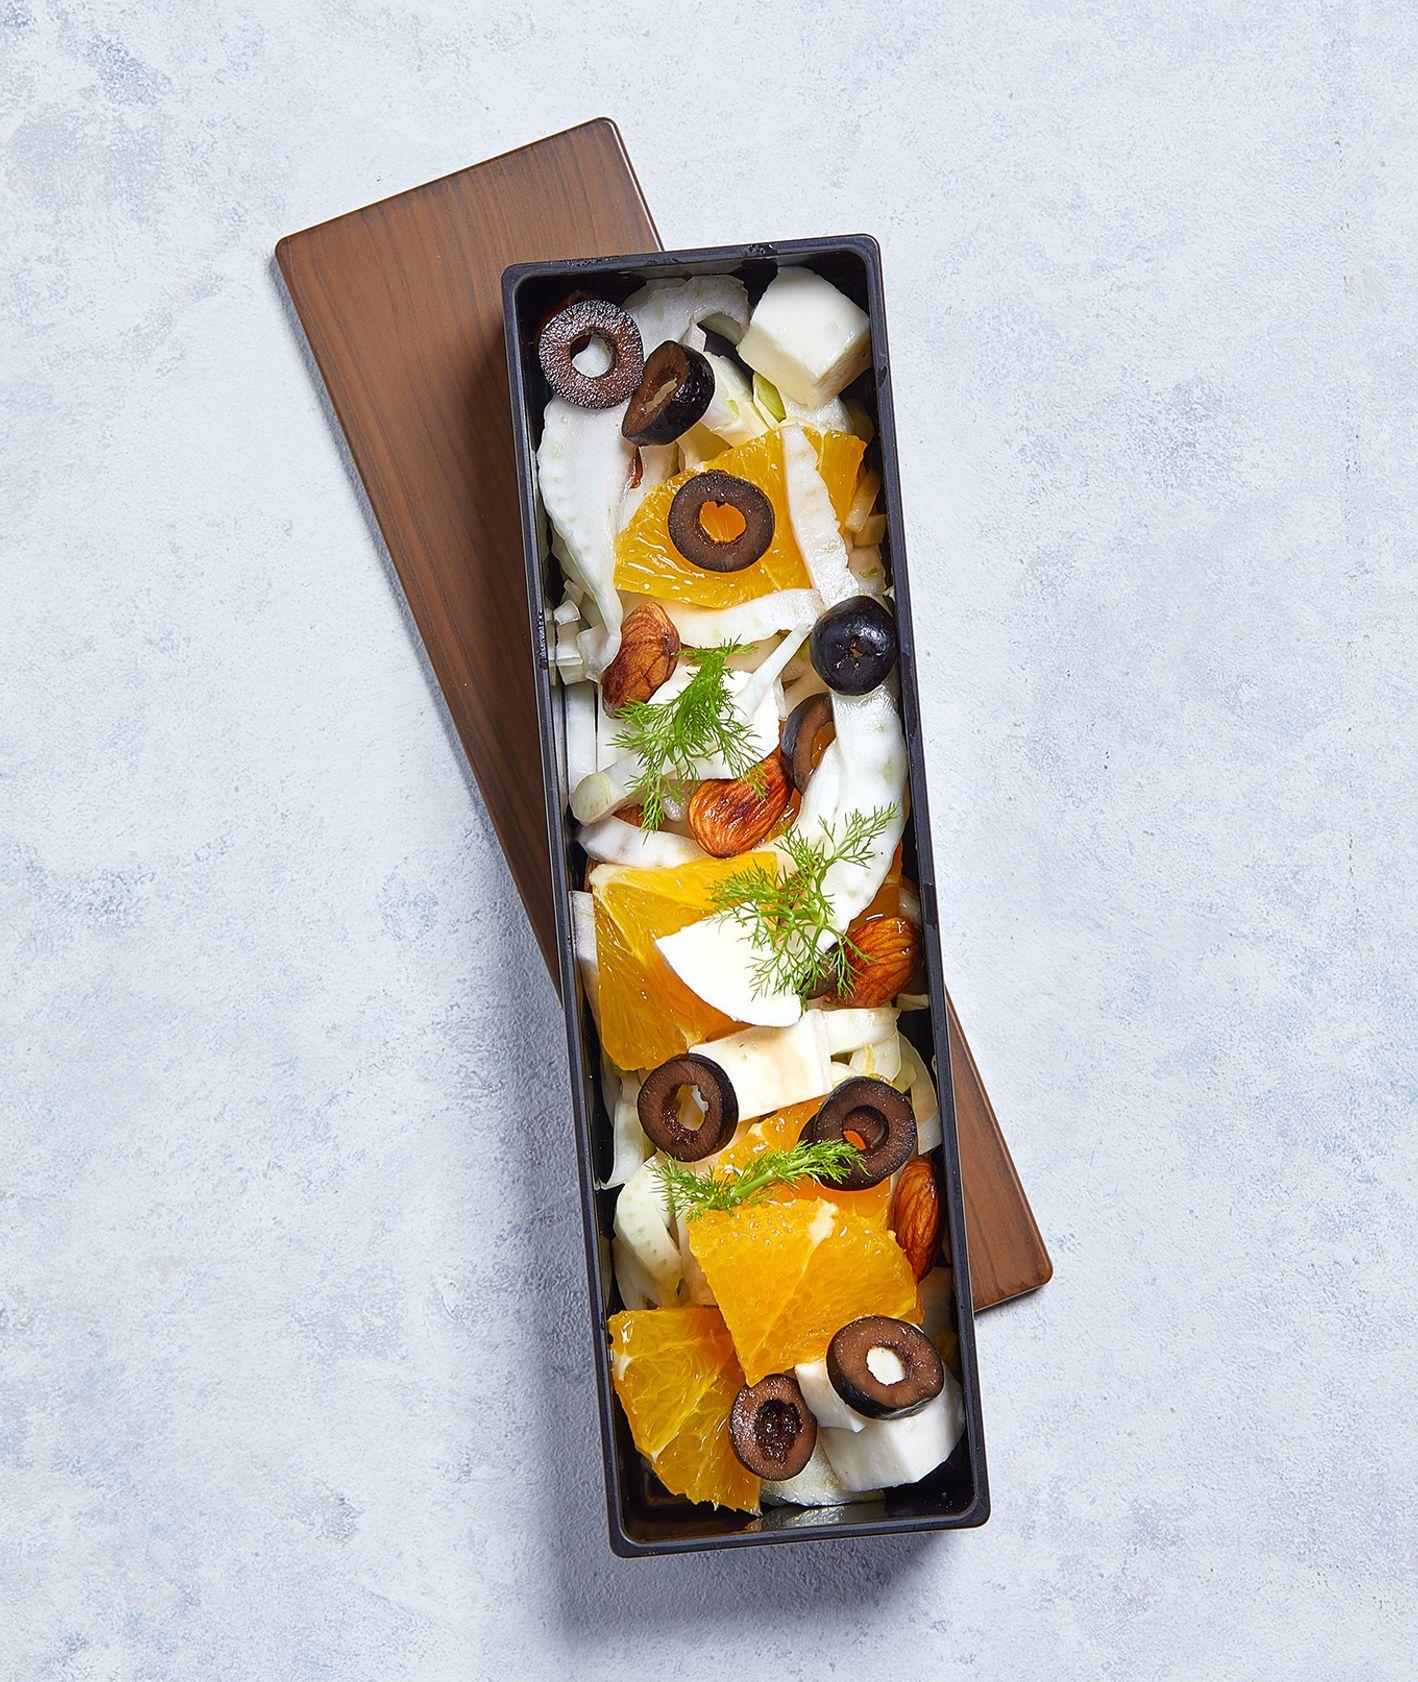 Lunchbox na zimę - sałatka z pomarańczami (fot. Maciek Niemojewski)